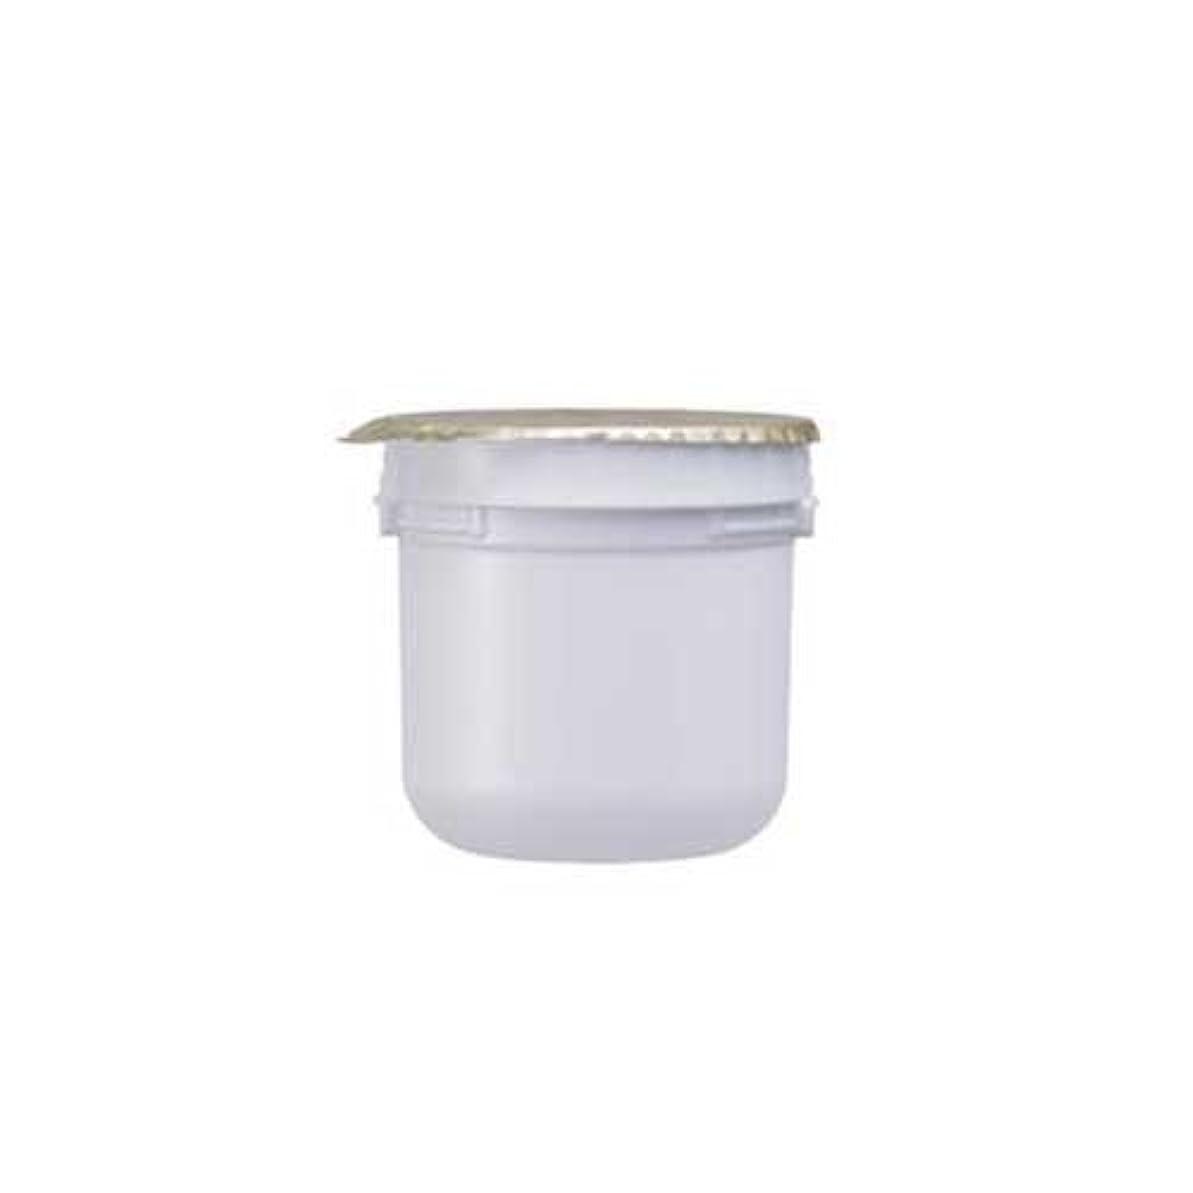 灰庭園フレッシュASTALIFT(アスタリフト) ホワイト クリーム(美白クリーム)レフィル 30g